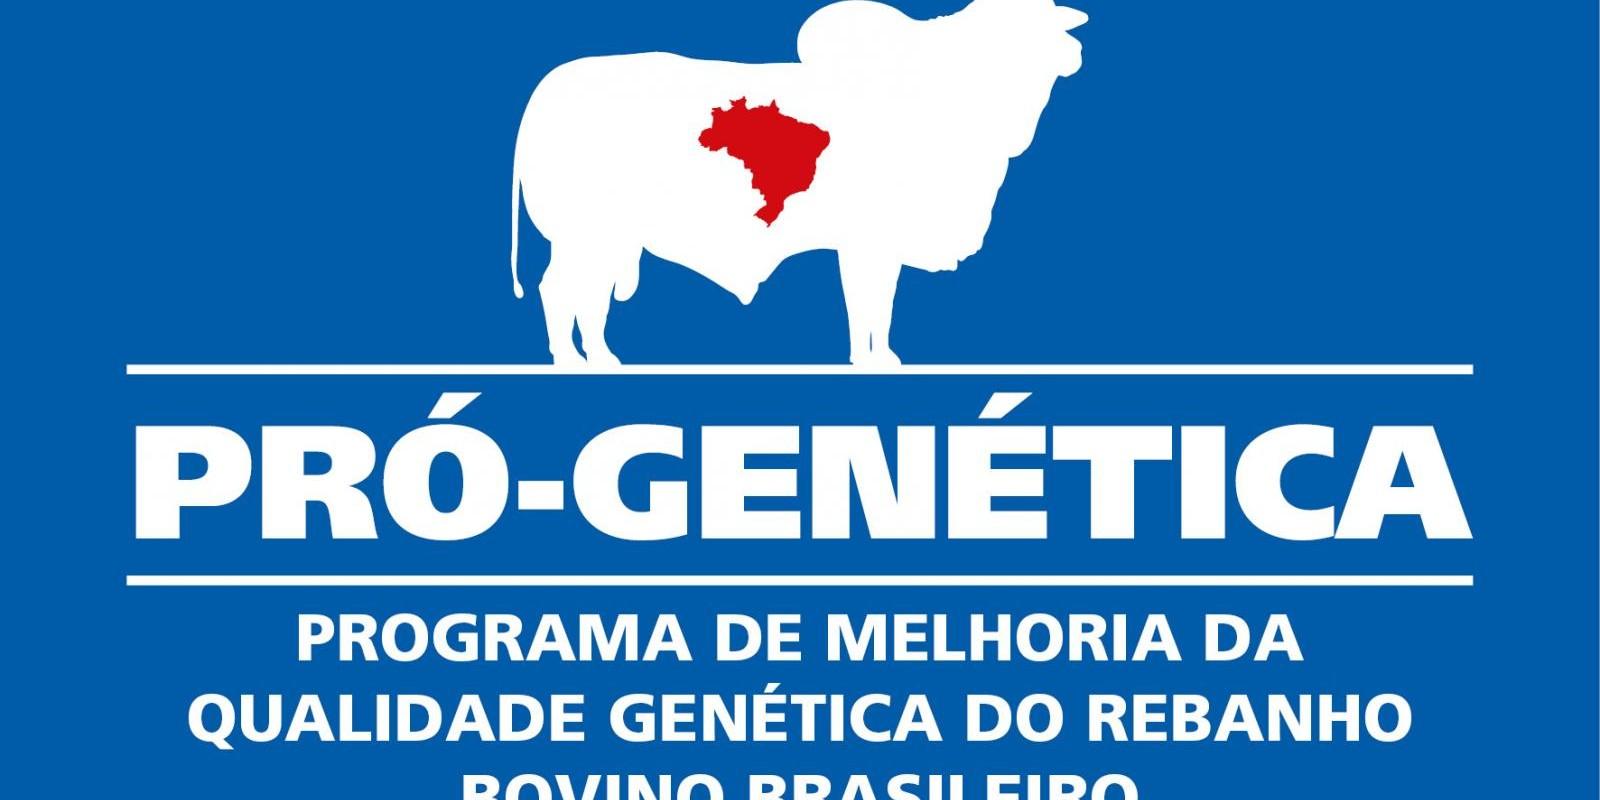 ABCZ e Emater se comprometem a dobrar Feiras do Pró-Genética em Minas Gerais